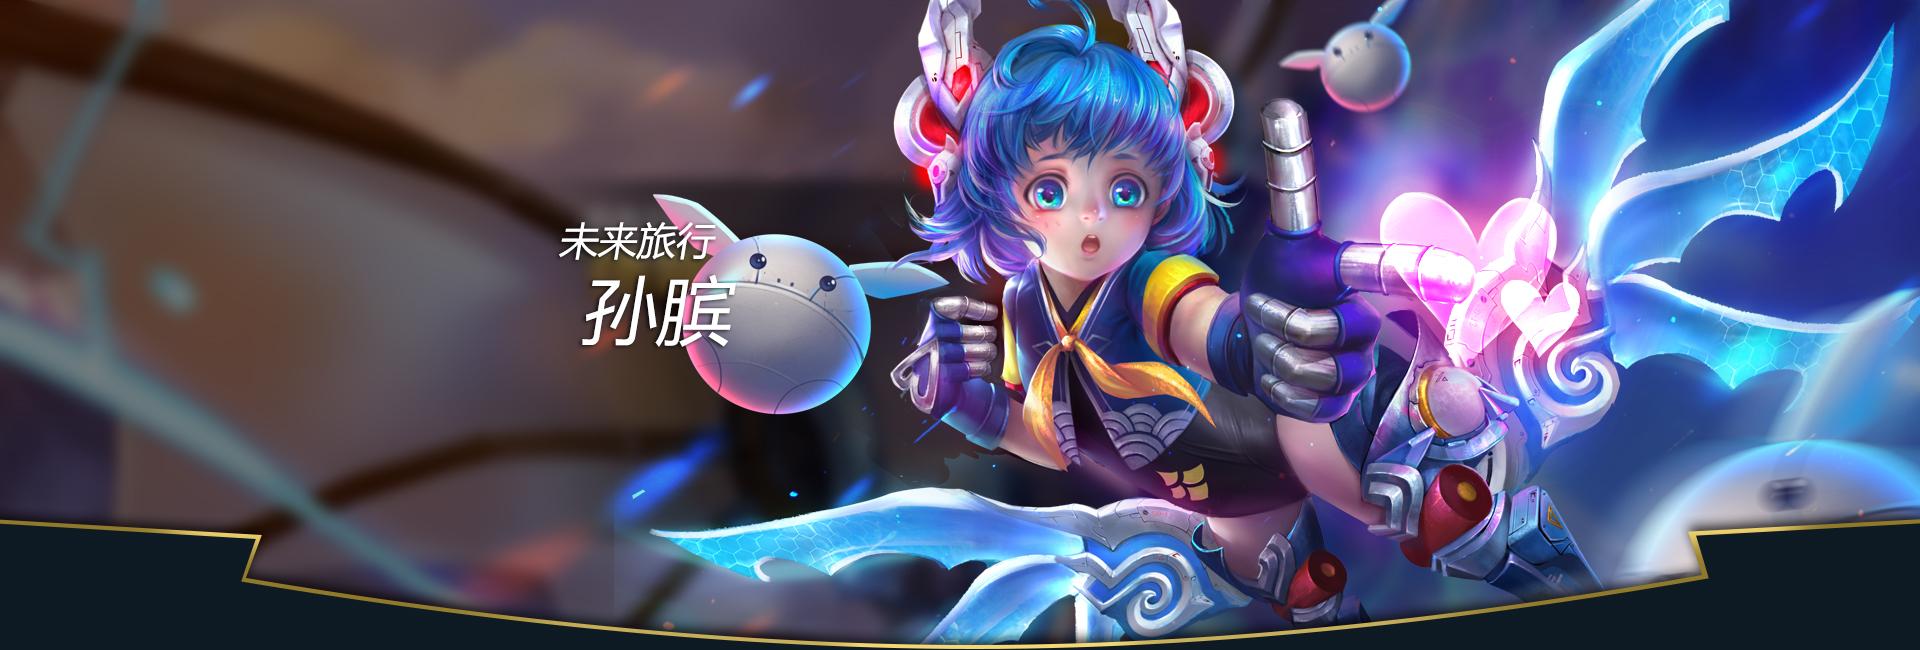 第2弹《王者荣耀英雄皮肤CG》竞技游戏88